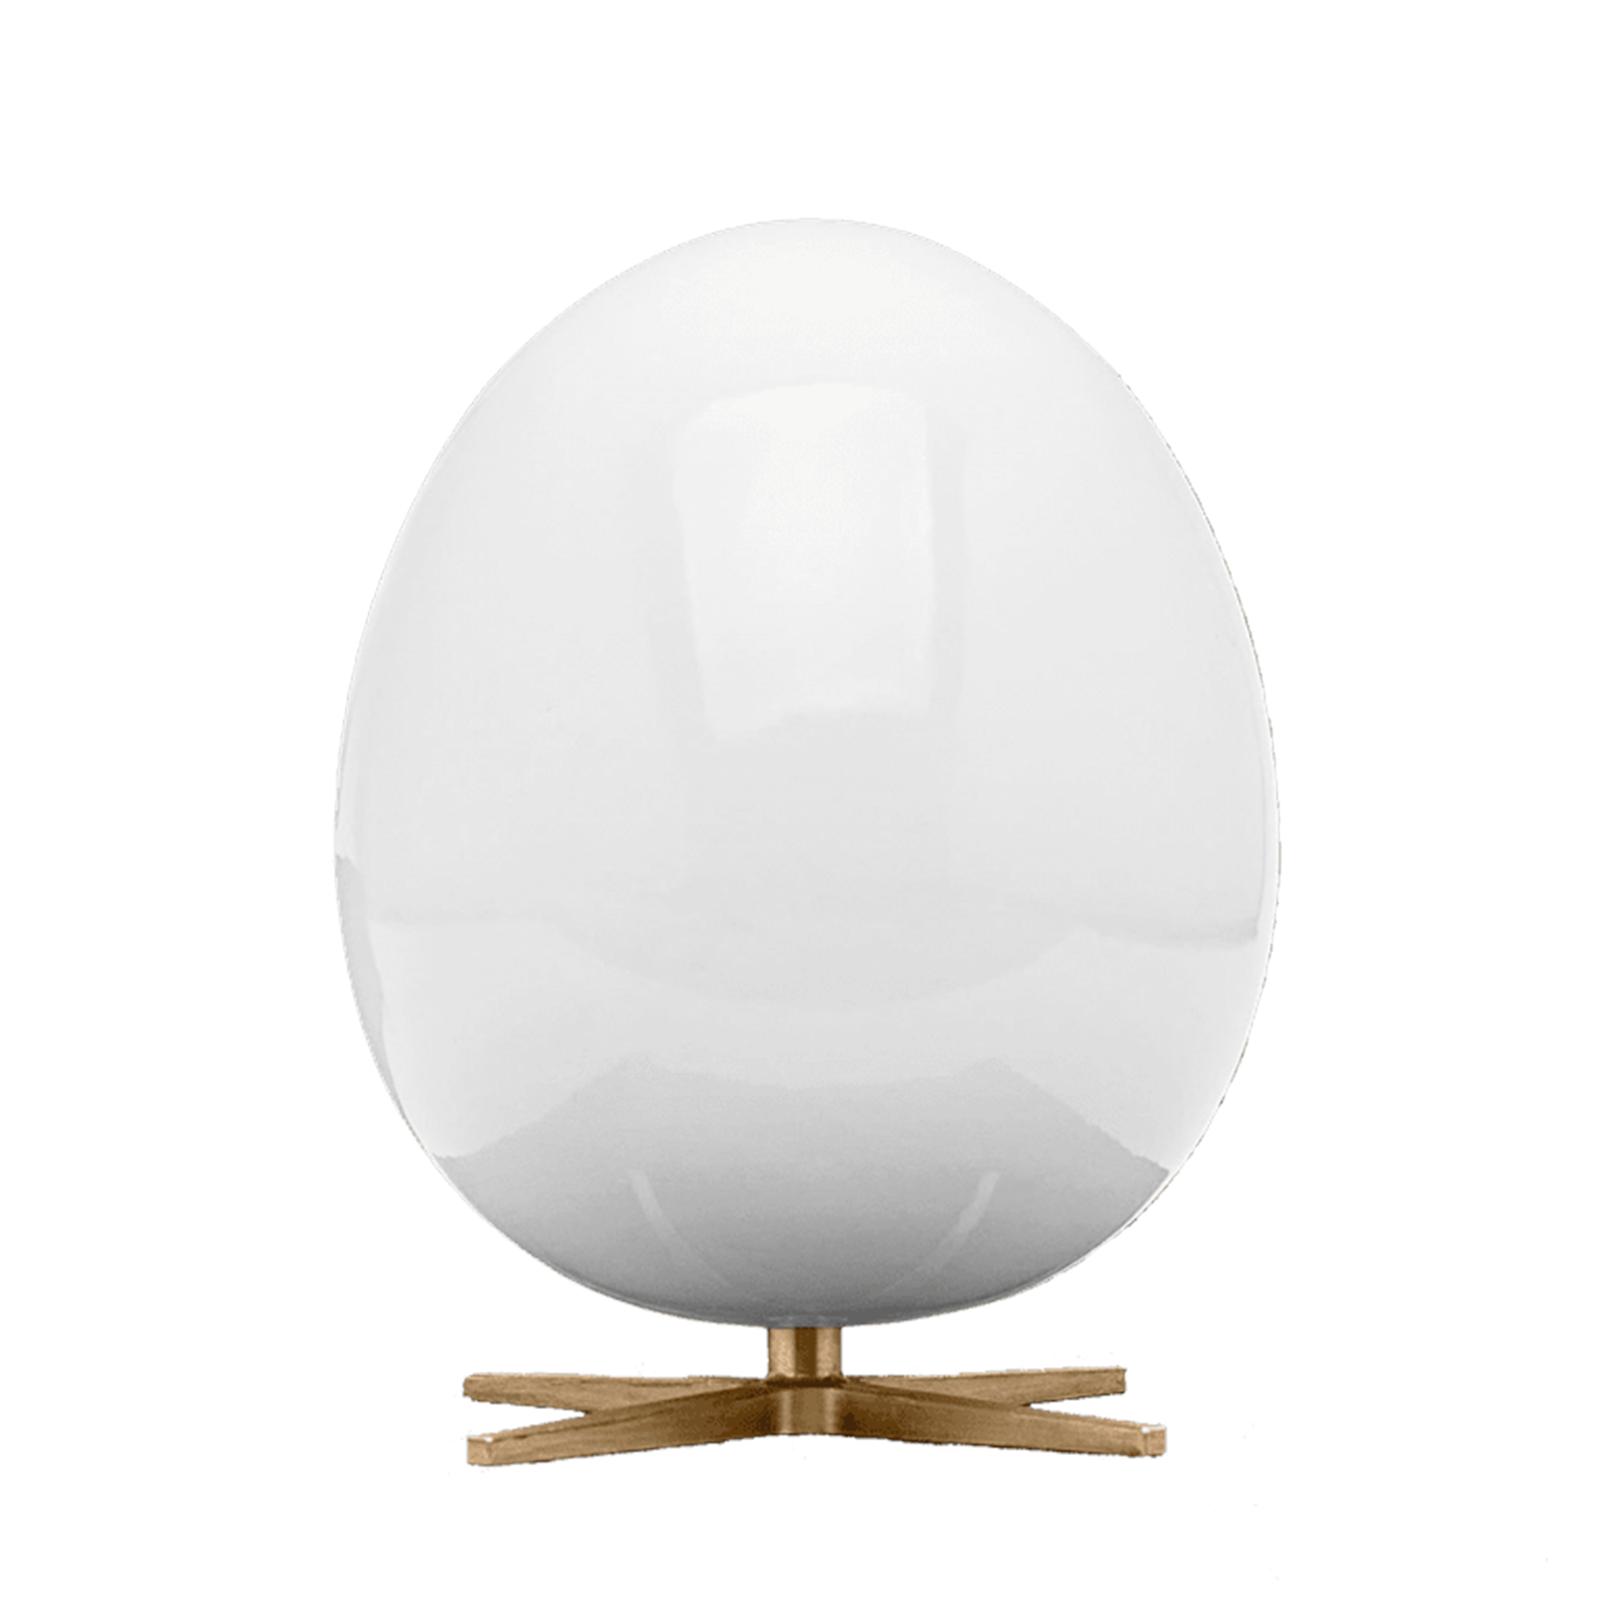 Ægget Figuren – Hvid/Messing fod